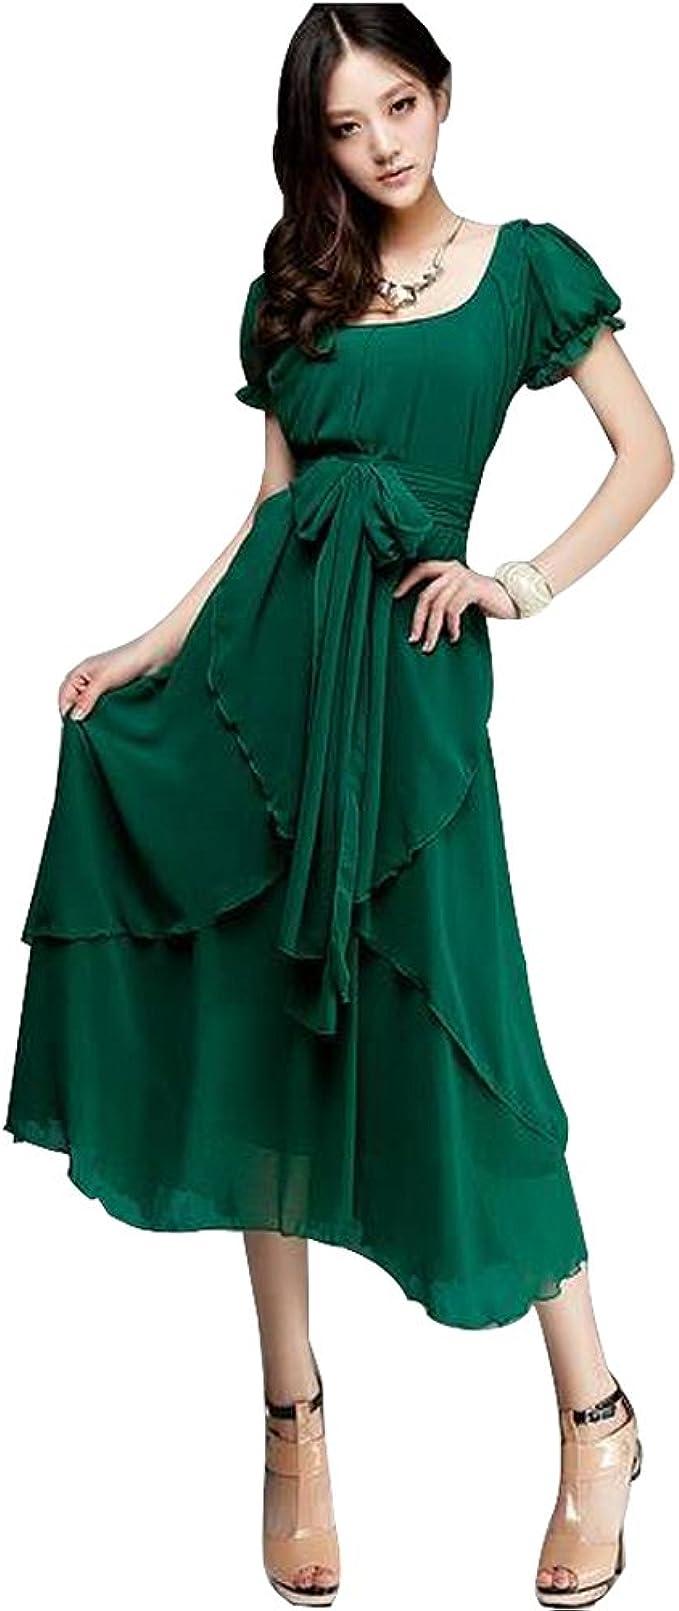 Ältere Frauen Damen Elegante Retro Unregelmäßige Lange Maxi  Grün-Chiffon-Kleid Weit-Rock-Kleid mit Gürtel